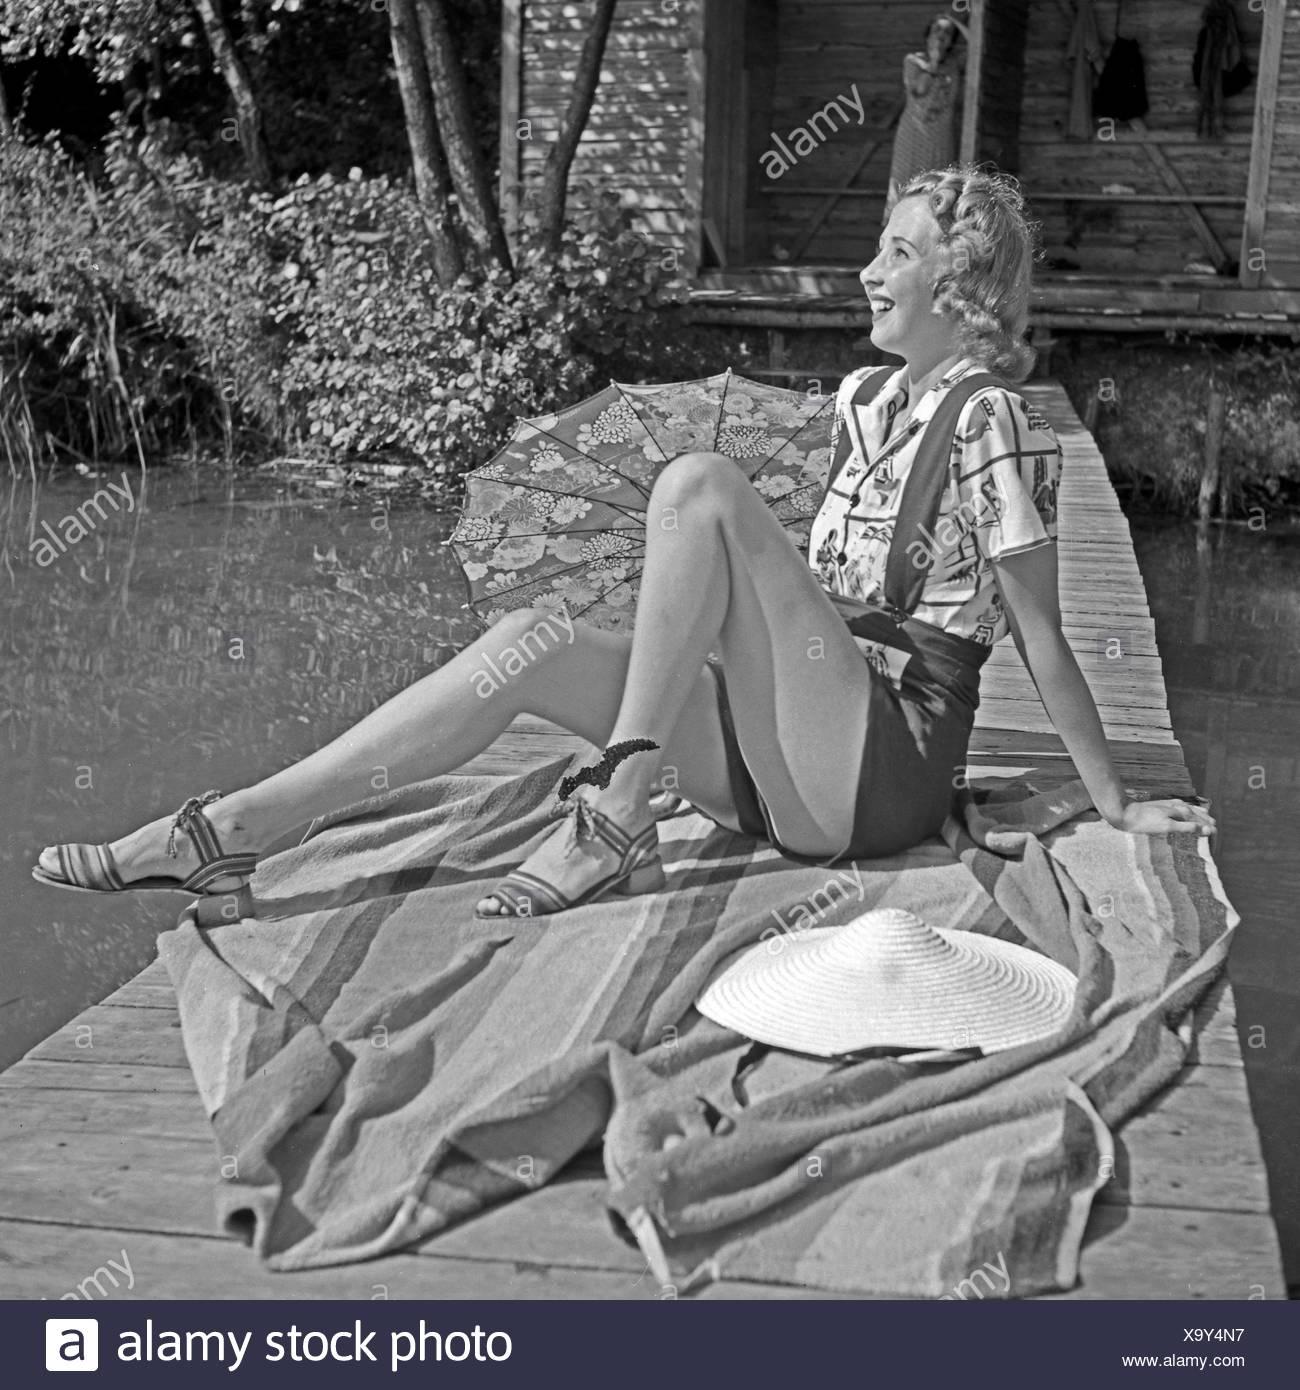 Eine Junge Frau Sitzt im Strandmode Auf Einem Holzsteg ein Einems sehen, 1930er Jahre Deutschland. Eine junge Frau im Strandkleid sitzen auf einem Holzsteg am See, Deutschland der 1930er Jahre. Stockbild